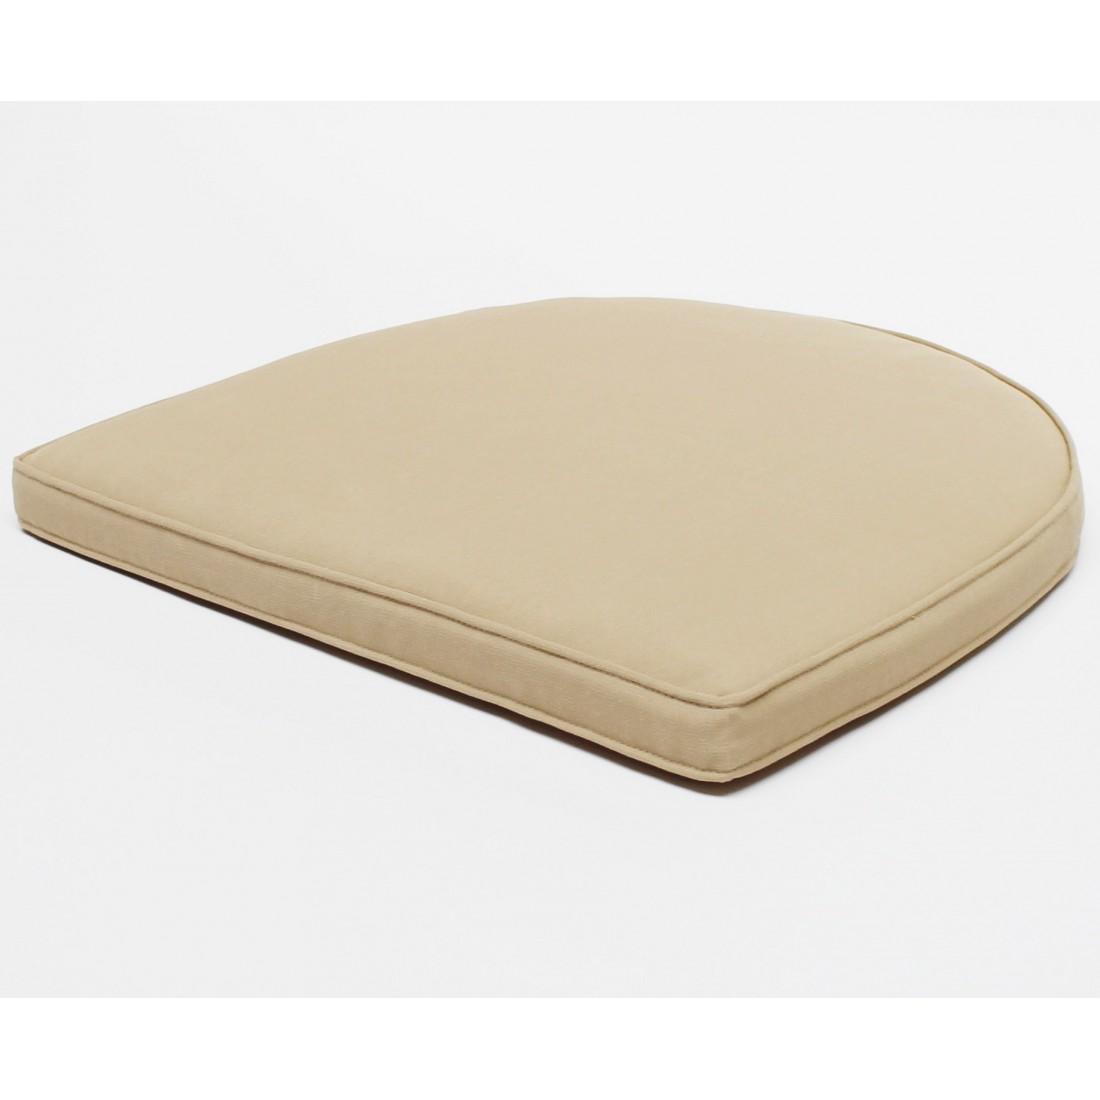 Coussin beige en option pour bridge de jardin n mo for Coussin pour lit de jardin